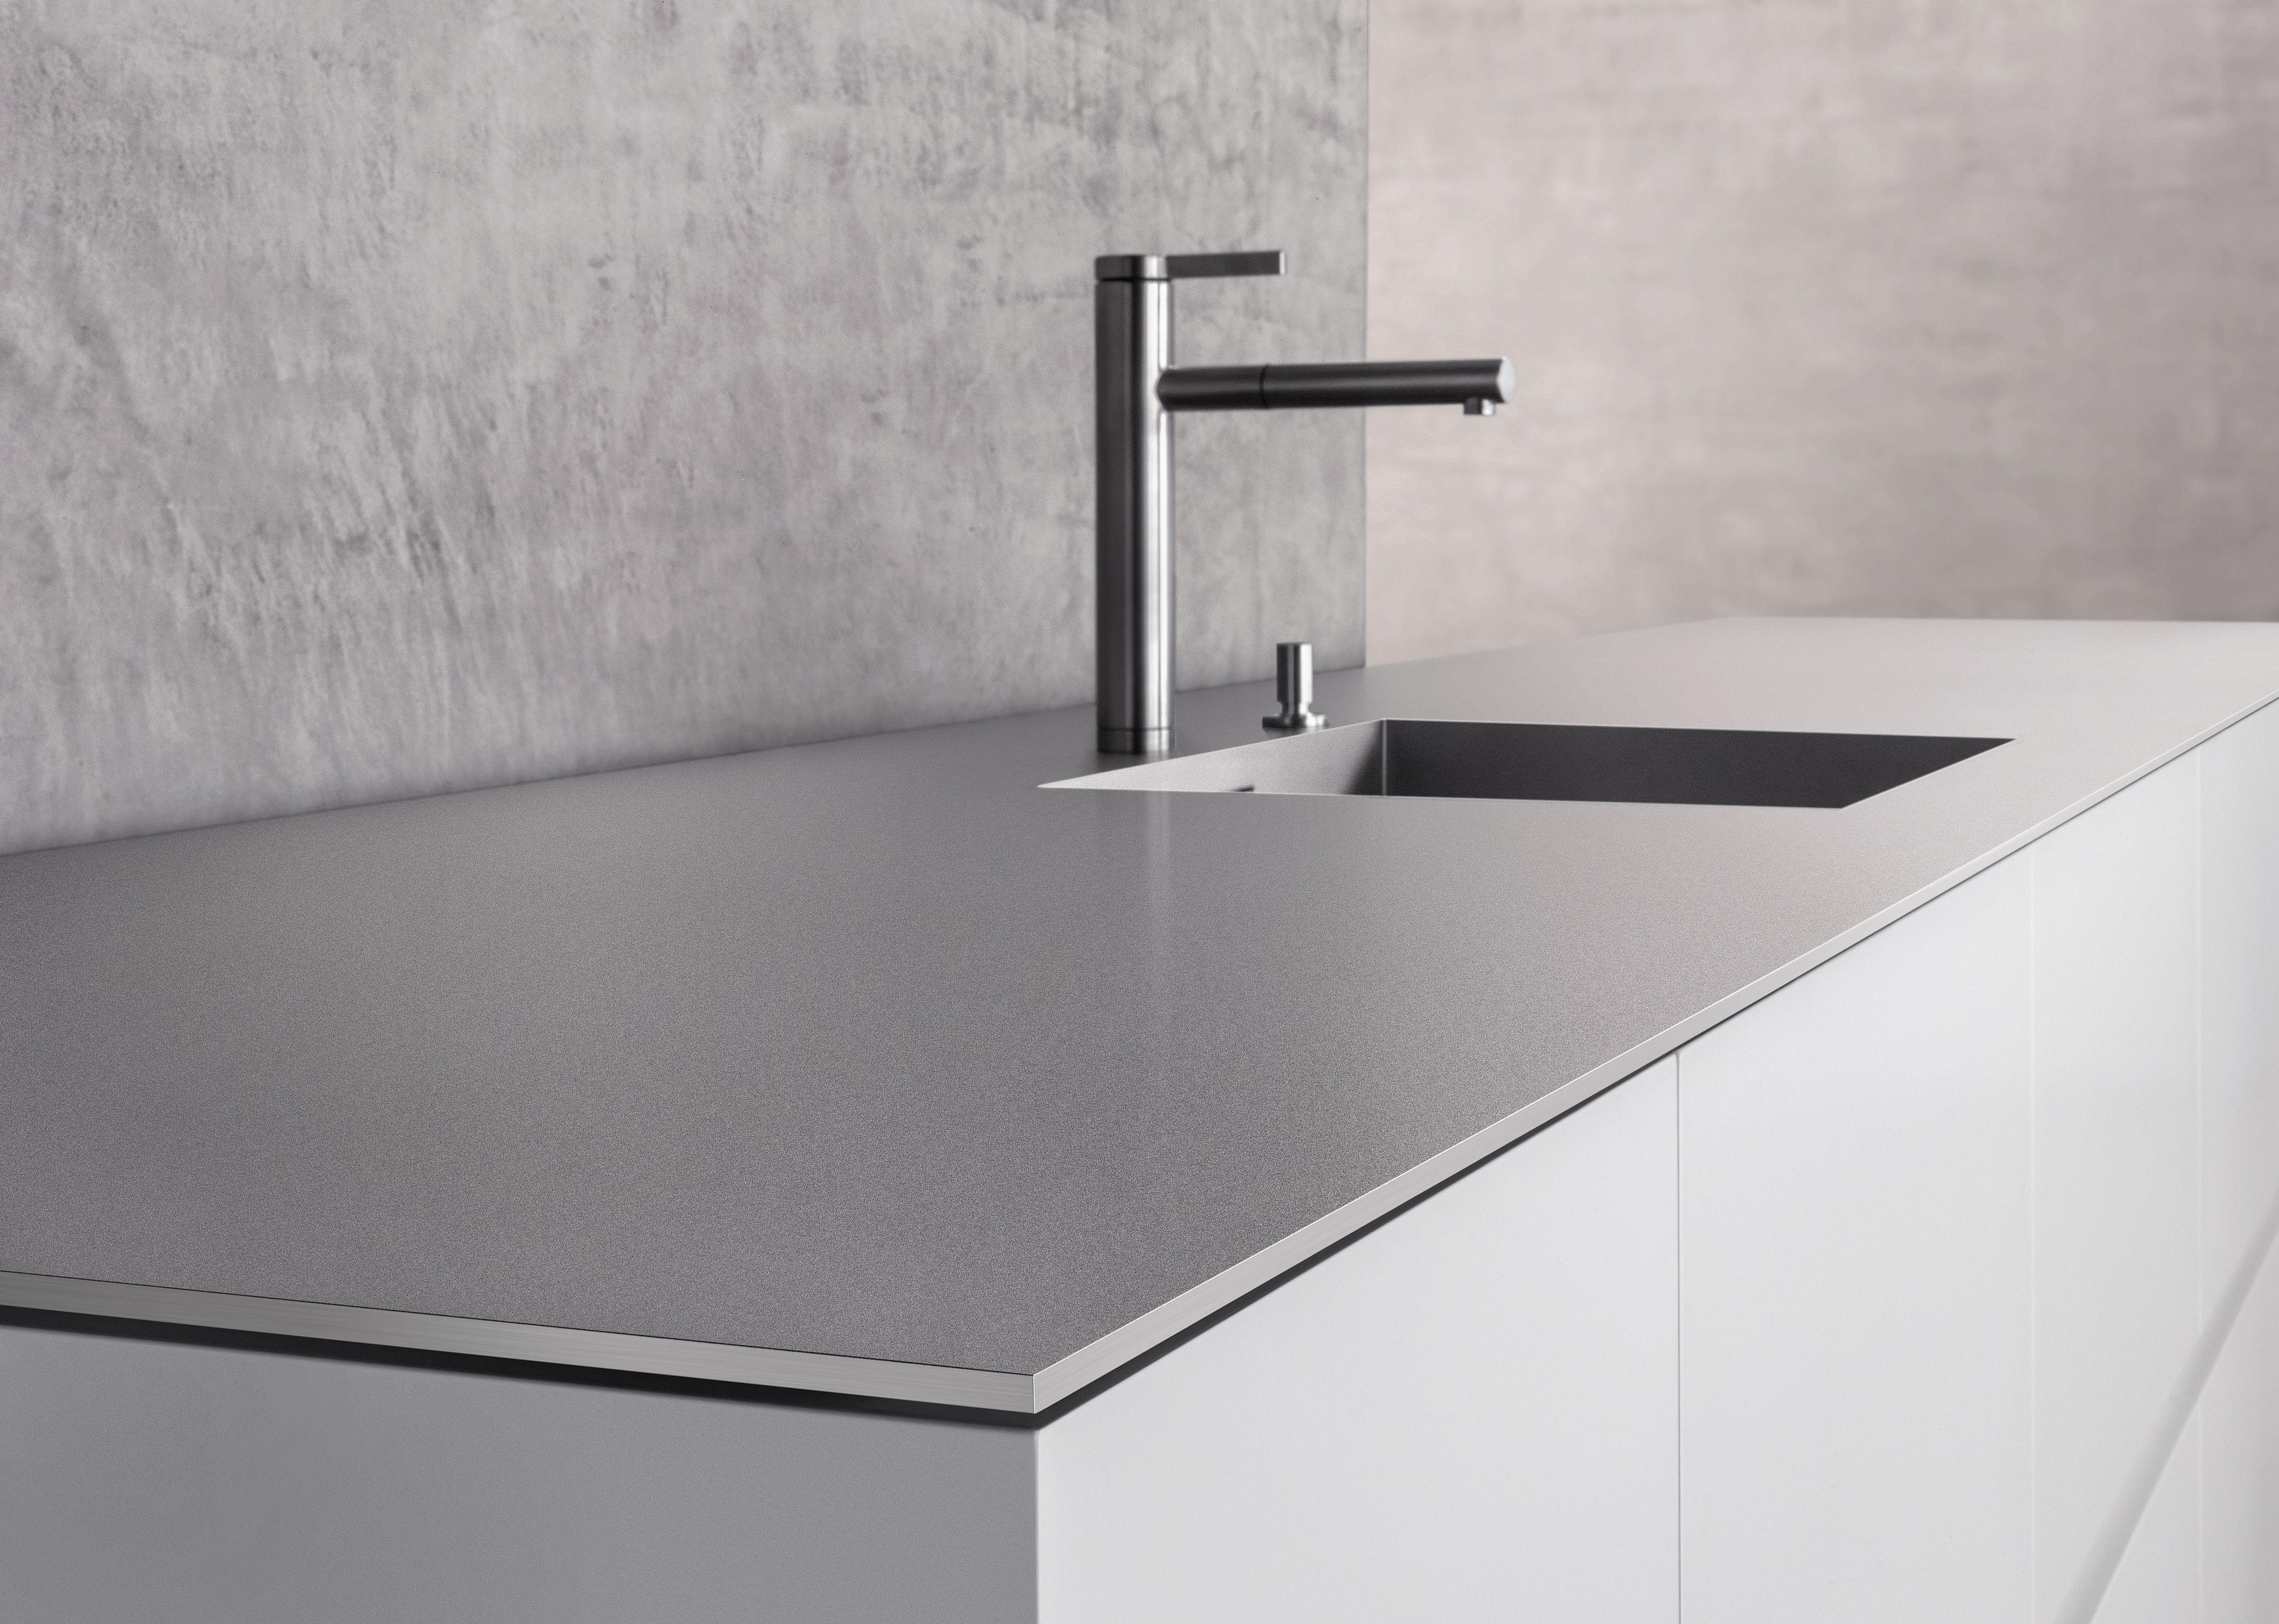 arbeitsplatte k che keramik oder granit fritz reuter 23. Black Bedroom Furniture Sets. Home Design Ideas